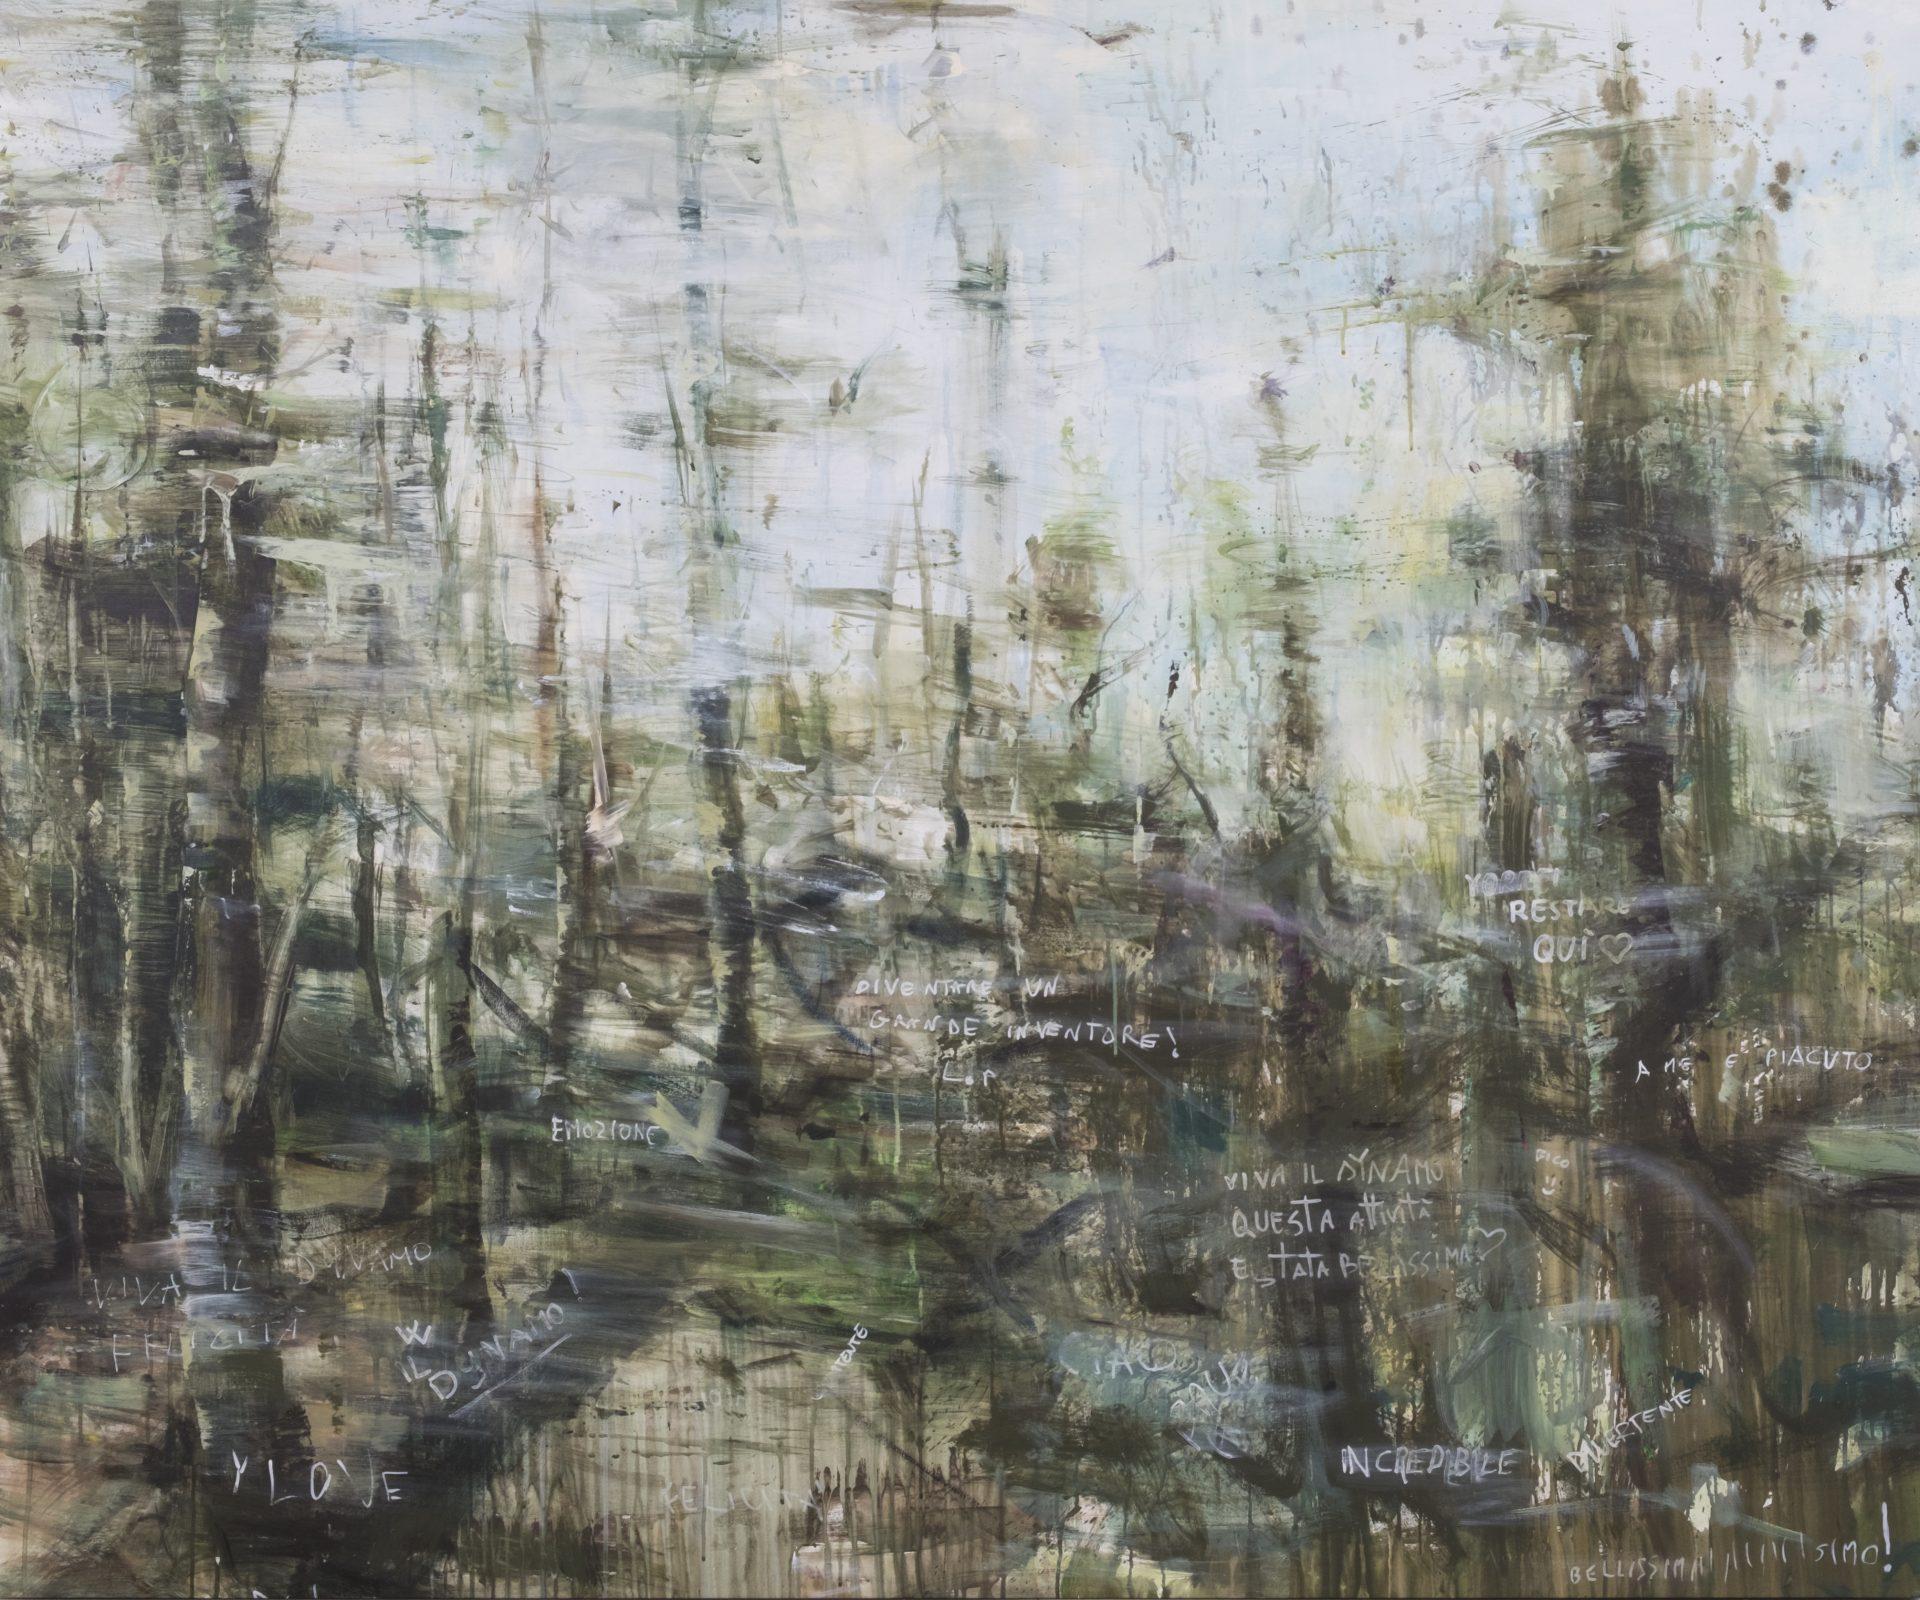 Le voci del bosco<br>APP01<br>misure: 145 x 173 cm<br>tecnica: acrilico e markers su tela<br>anno: 2018<br>